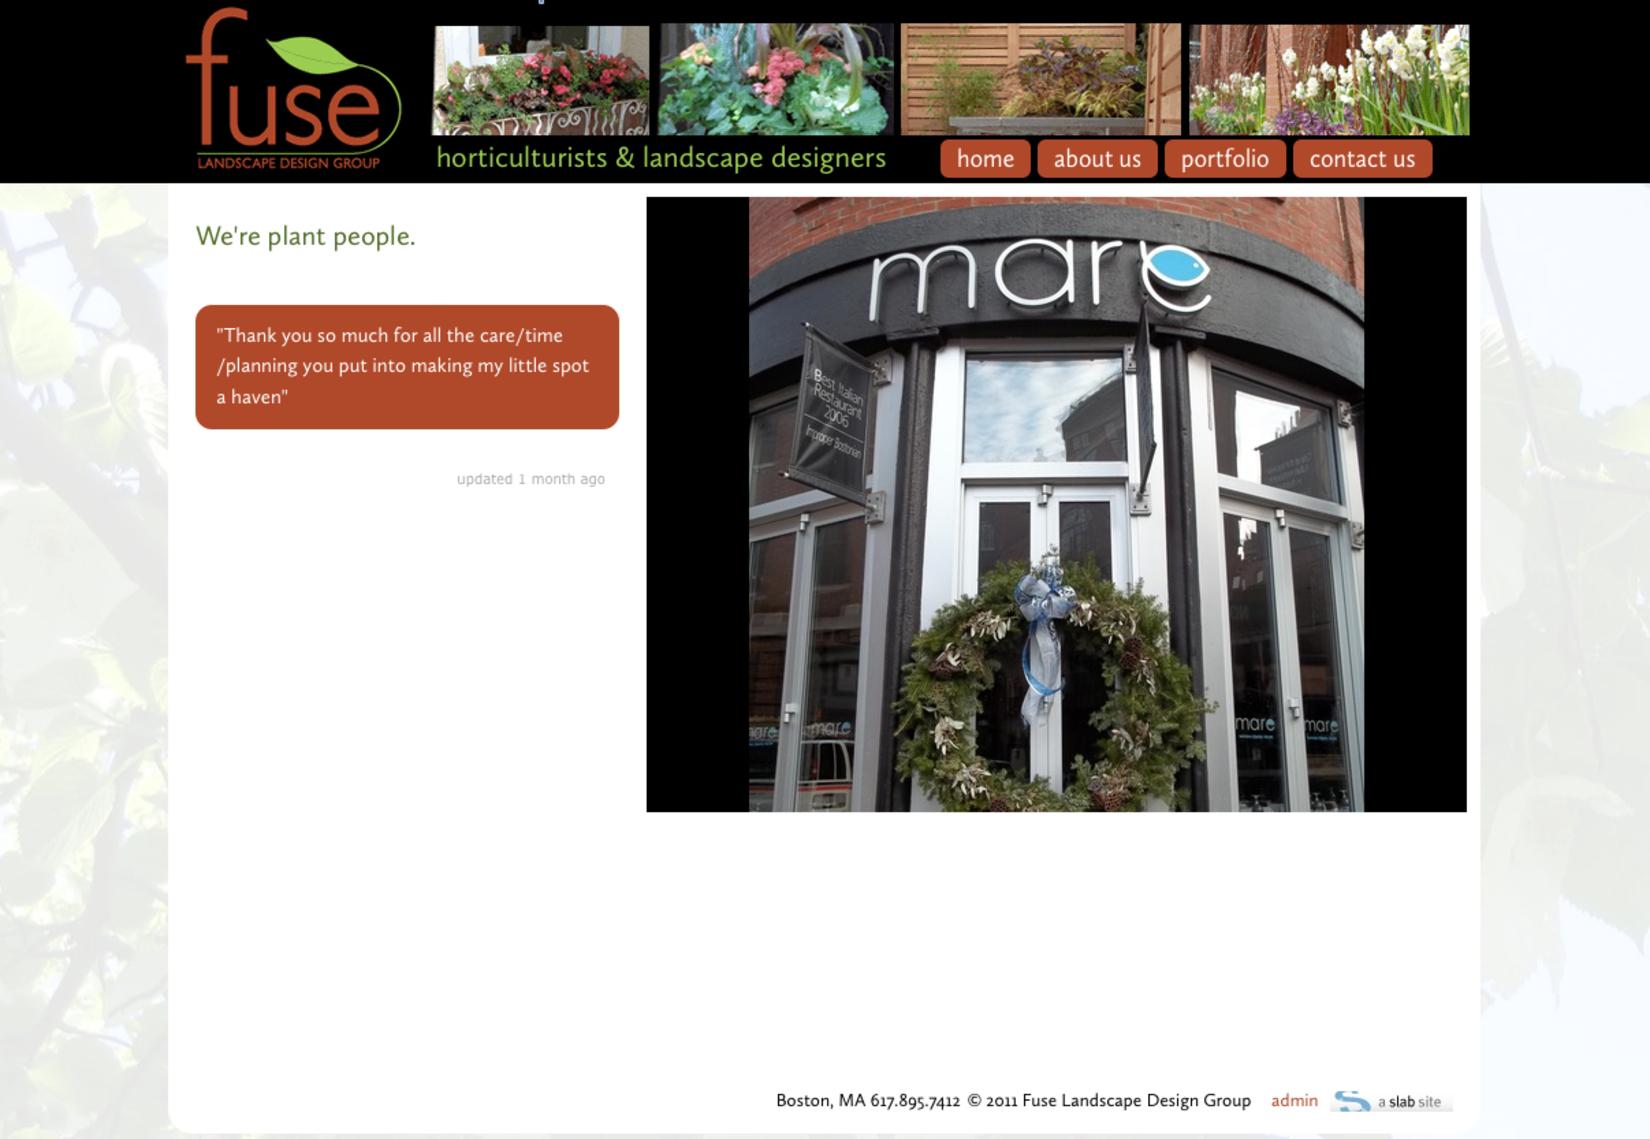 Fuse Landscape Design Group